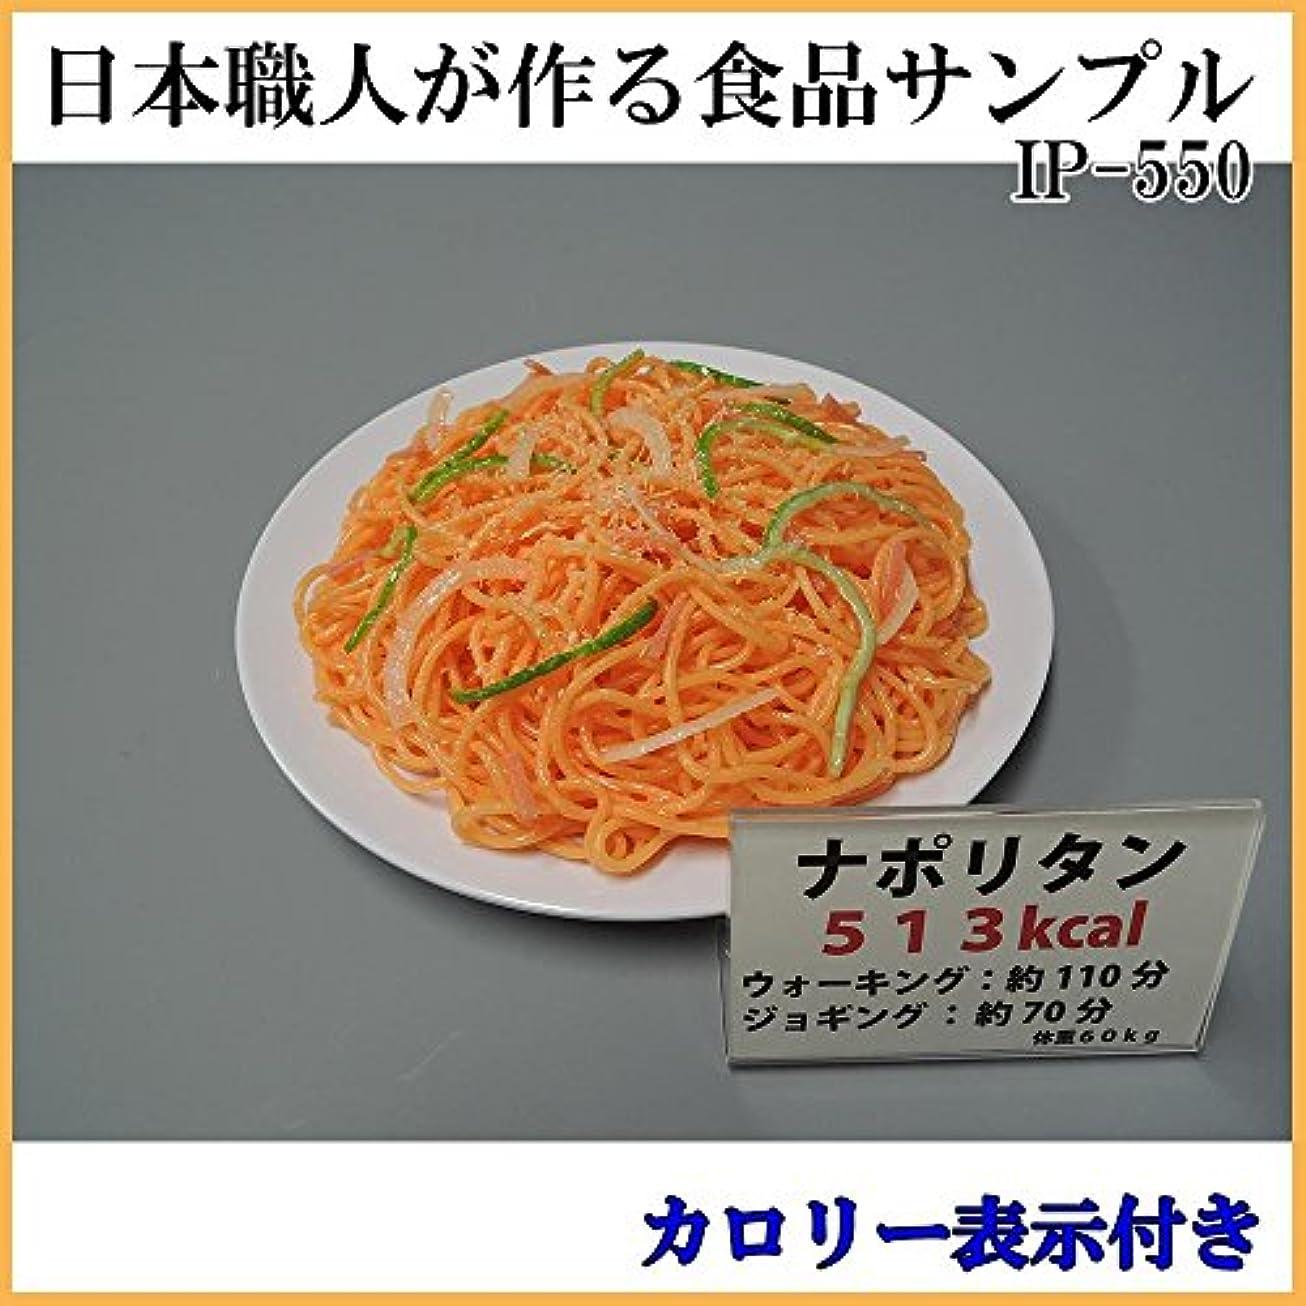 ぺディカブキルト歯科の日本職人が作る 食品サンプル カロリー表示付き ナポリタン IP-550